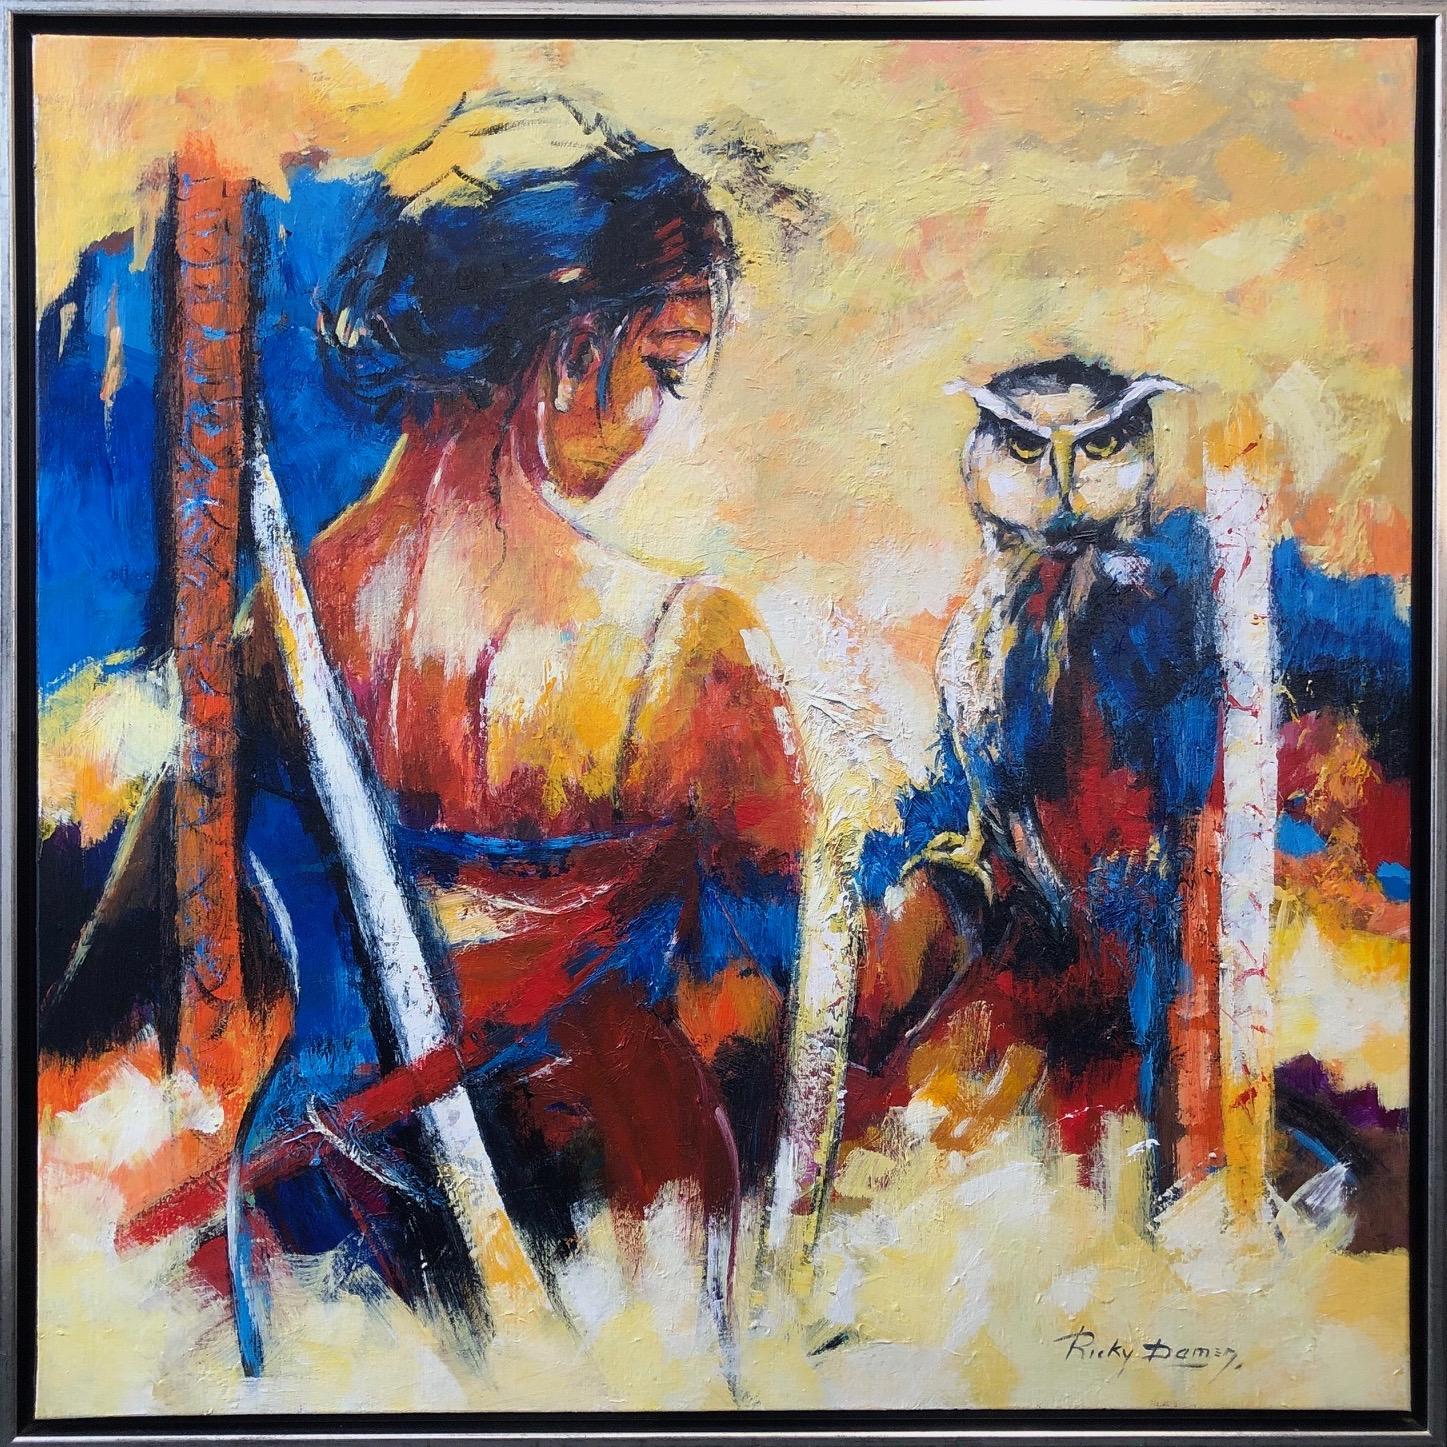 Ricky Damen schilderij 'Wishdom'